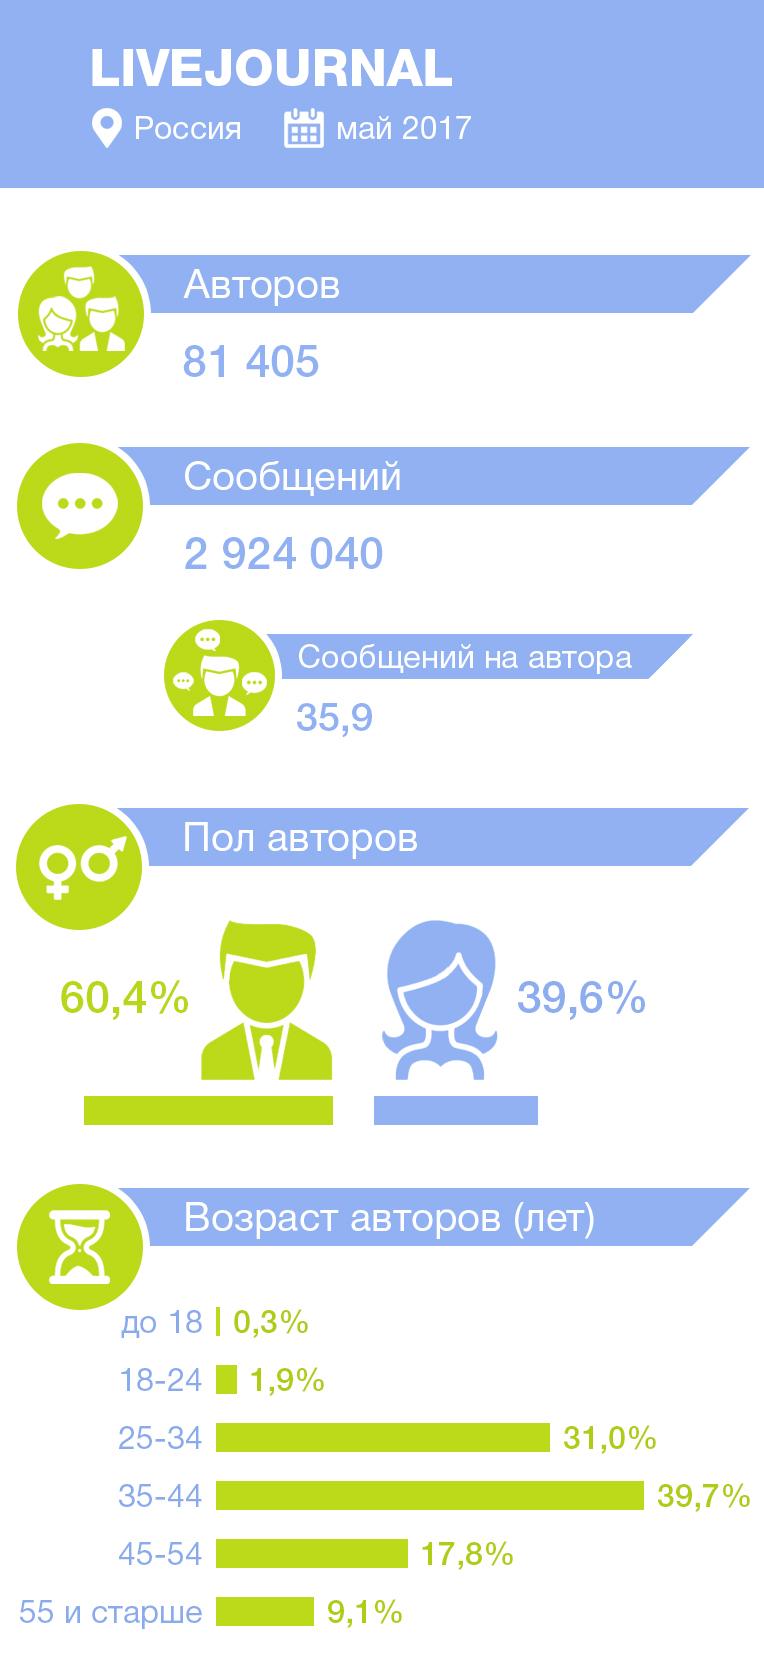 статистика авторов и сообщений в Live Journal